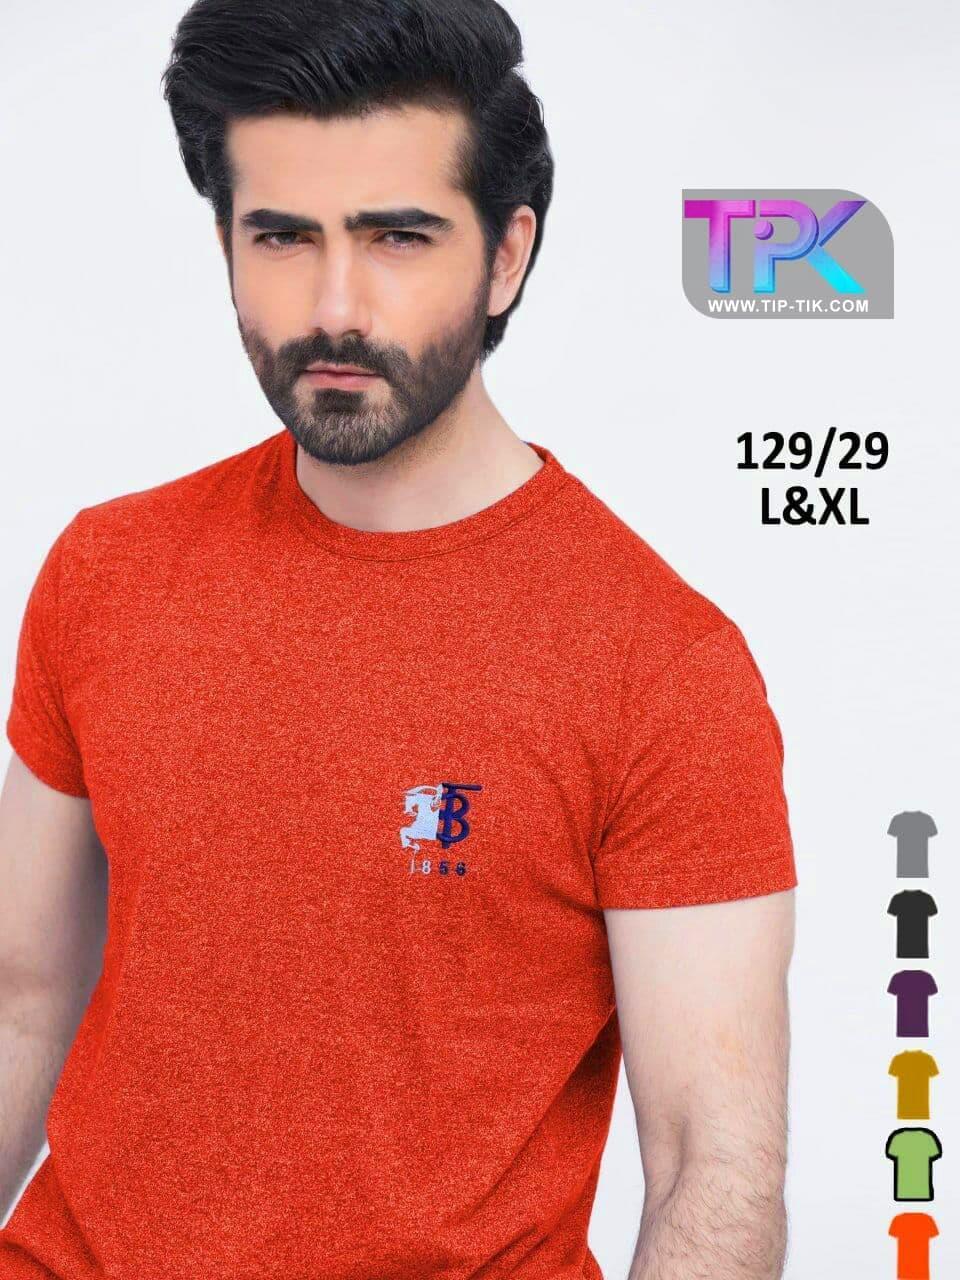 تیشرت تک مردانه<br/>جنس: #اسپرت<br/>قیمت:#80000<br/>سایز:#L&XL<br/>کد: #129/29<br/>رنگ بندی:#6_رنگ<br/>قیمت یک جین12تایی:960000 buy-sell personal clothing